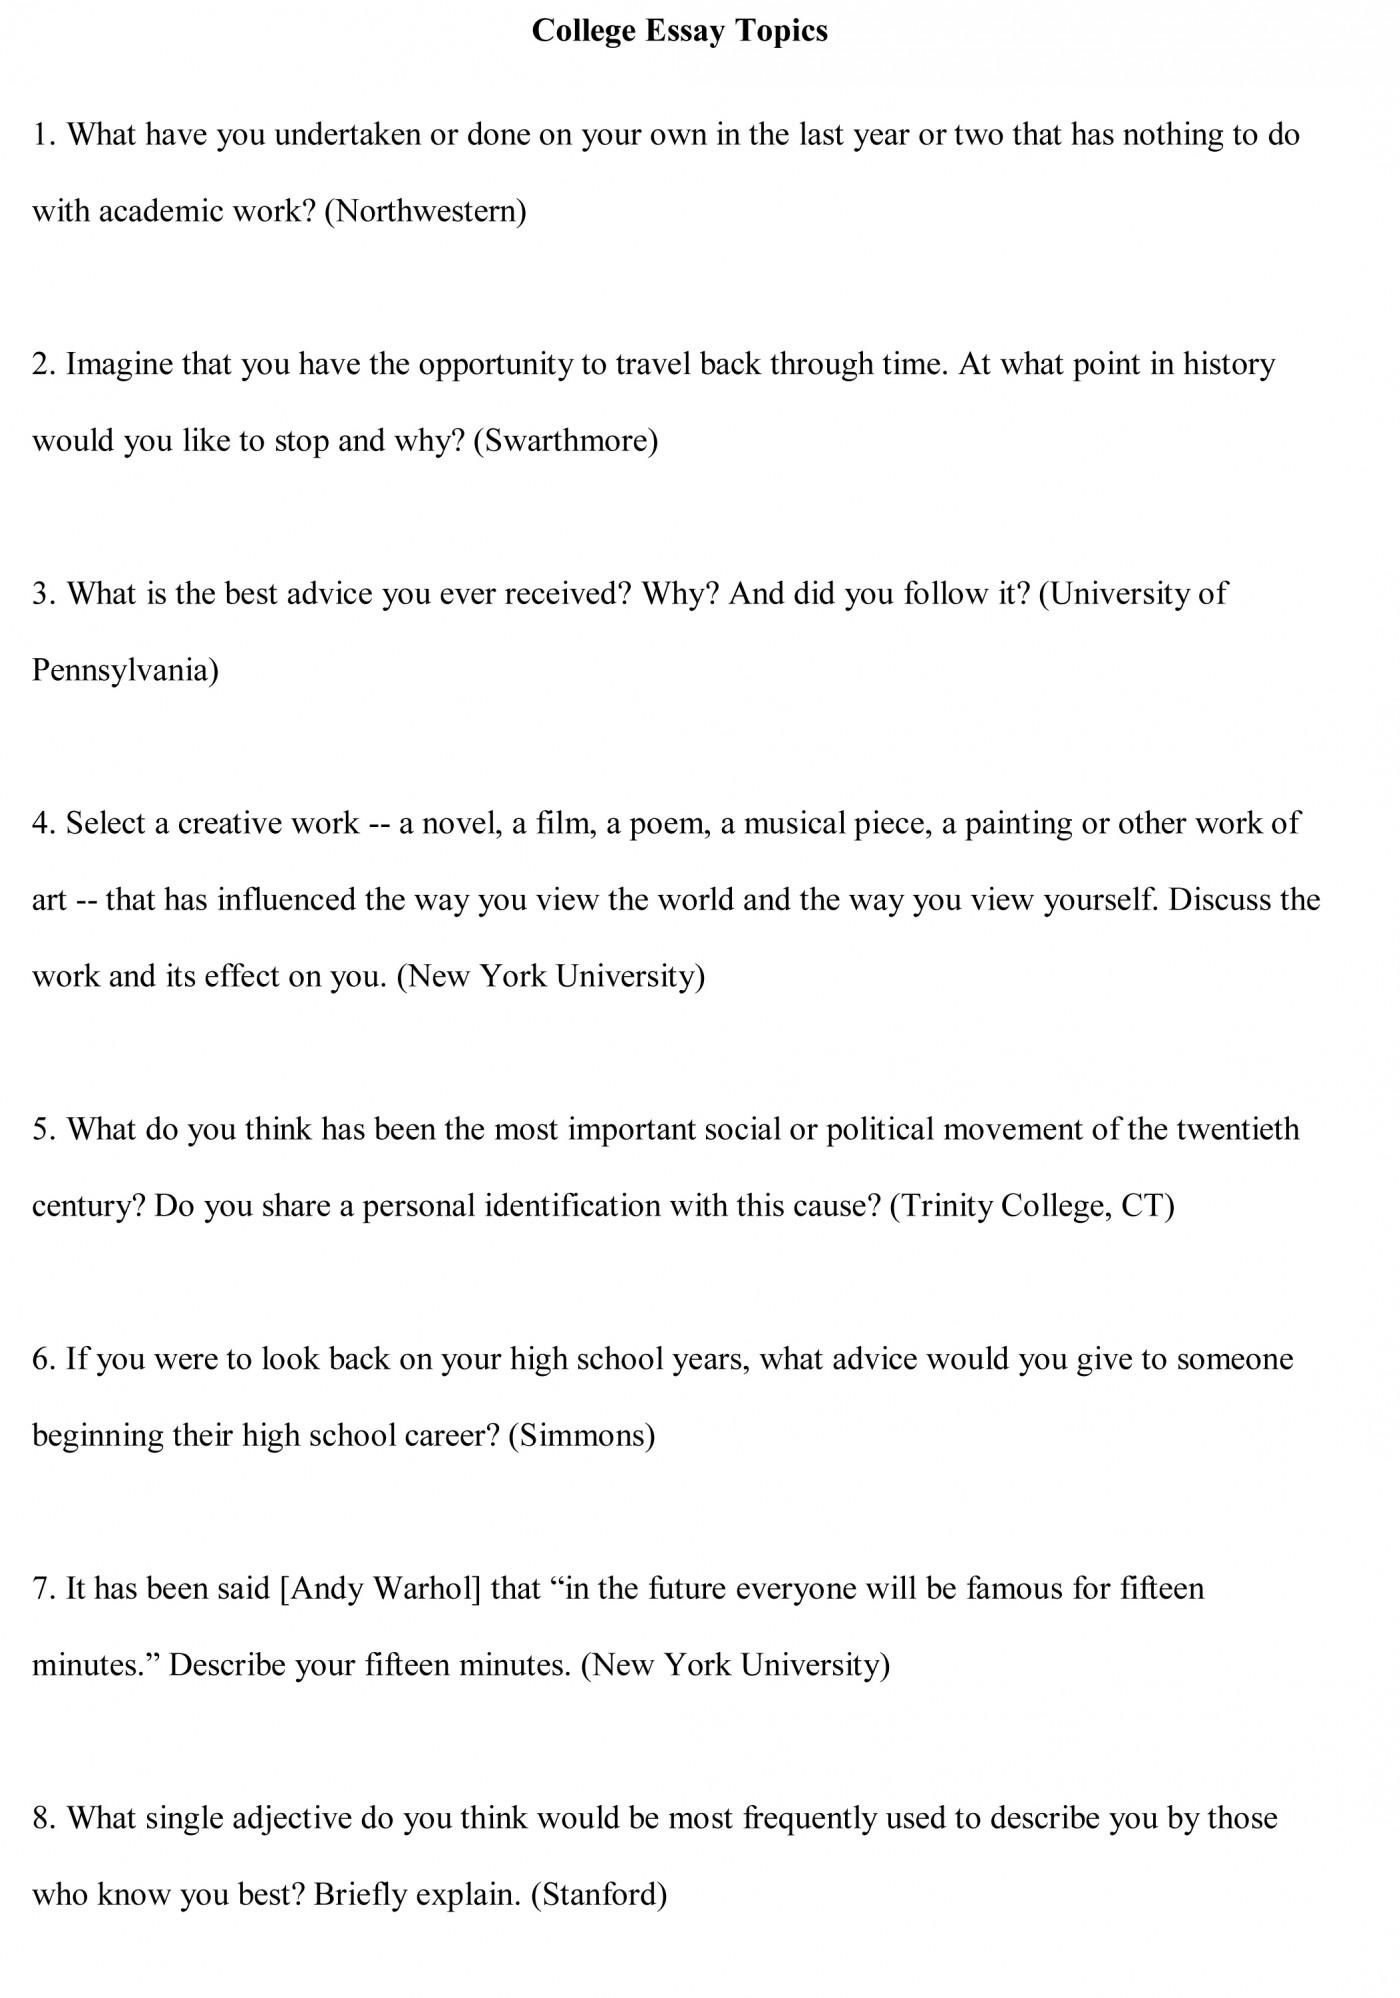 023 Narrative Essay Examples High School Example College Topics Free Unique Personal Pdf 1400